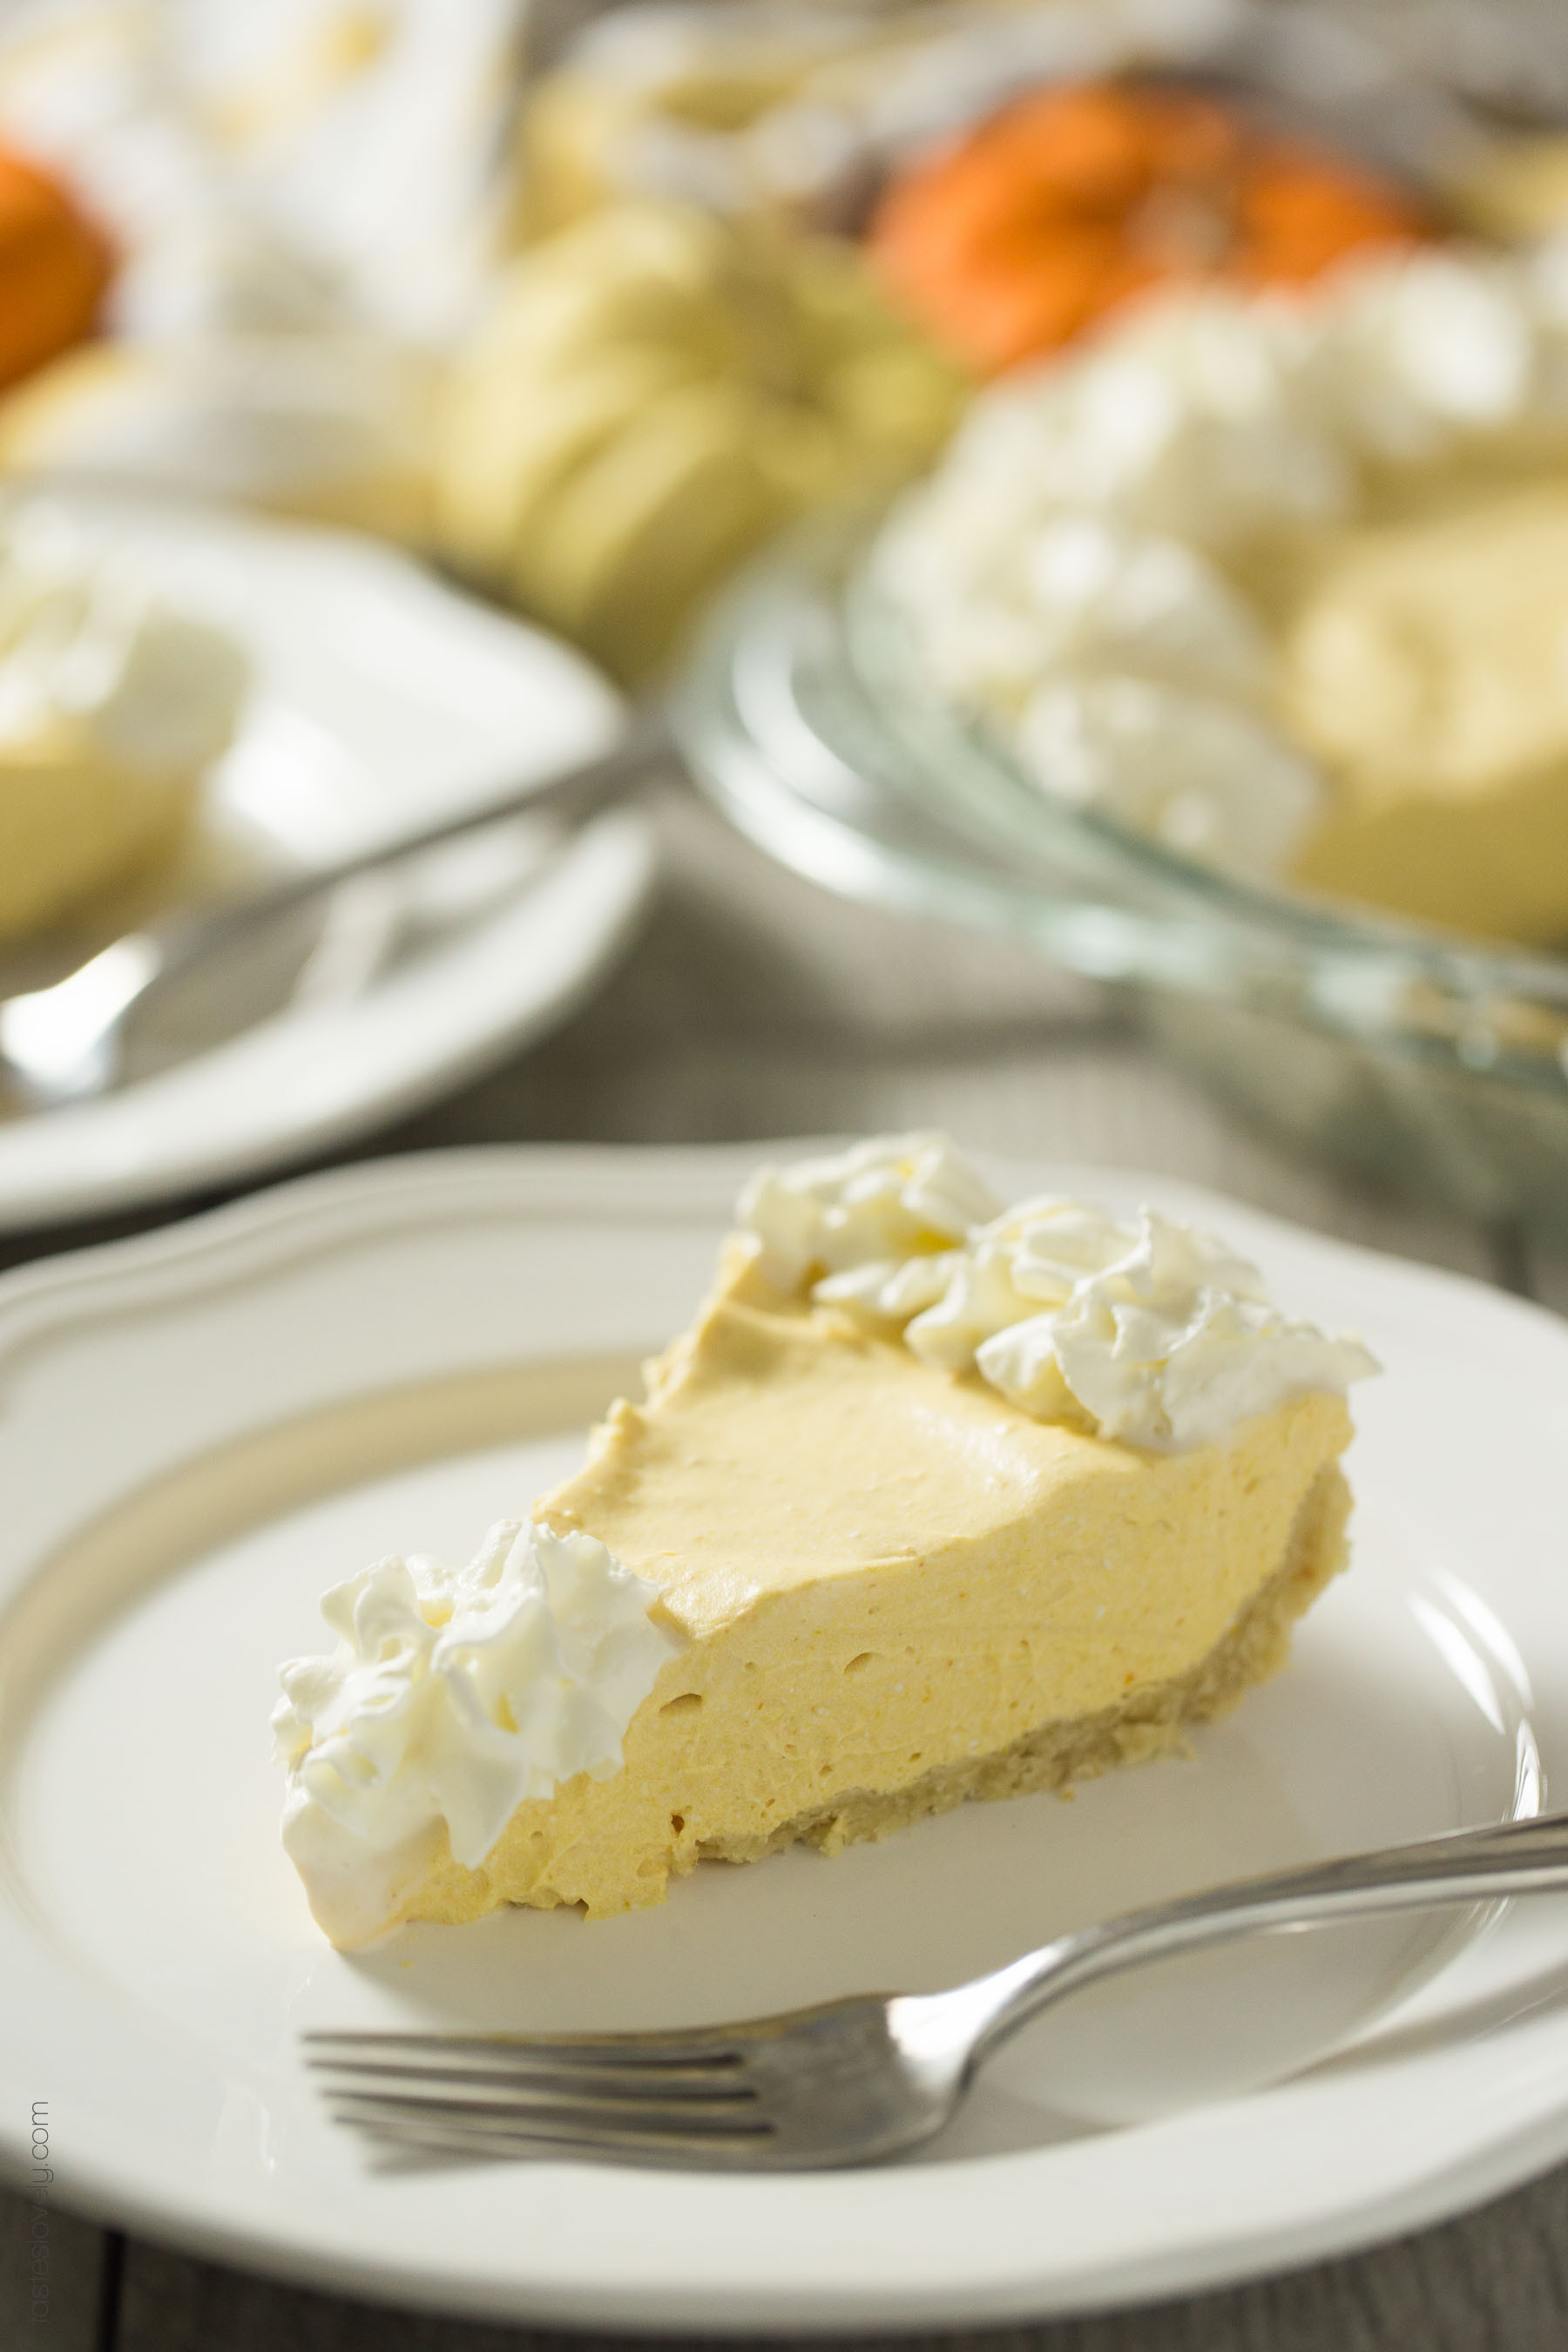 Sugar And Dairy Free Desserts  Paleo Pumpkin Cream Pie — Tastes Lovely